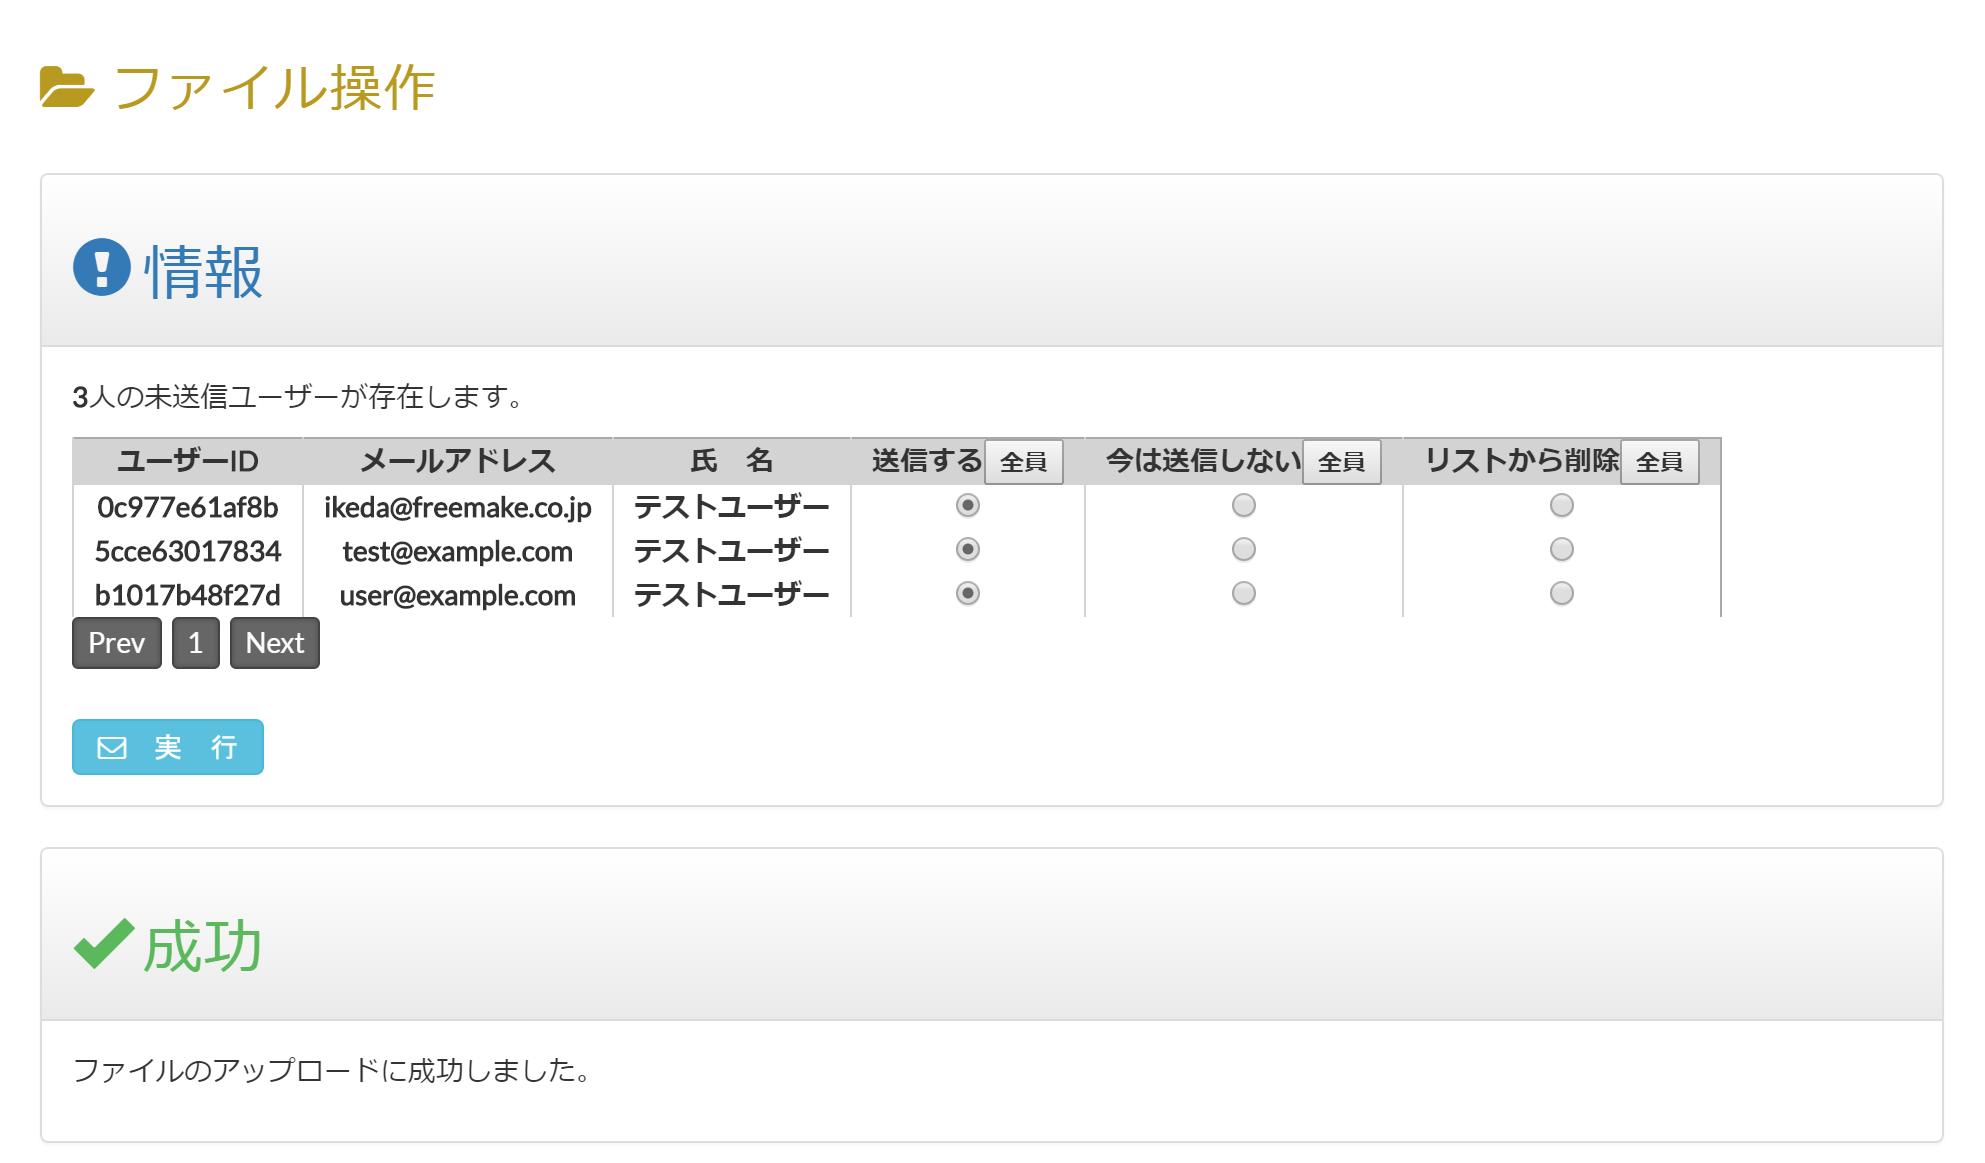 ファイルアップロード_送信ユーザー選択